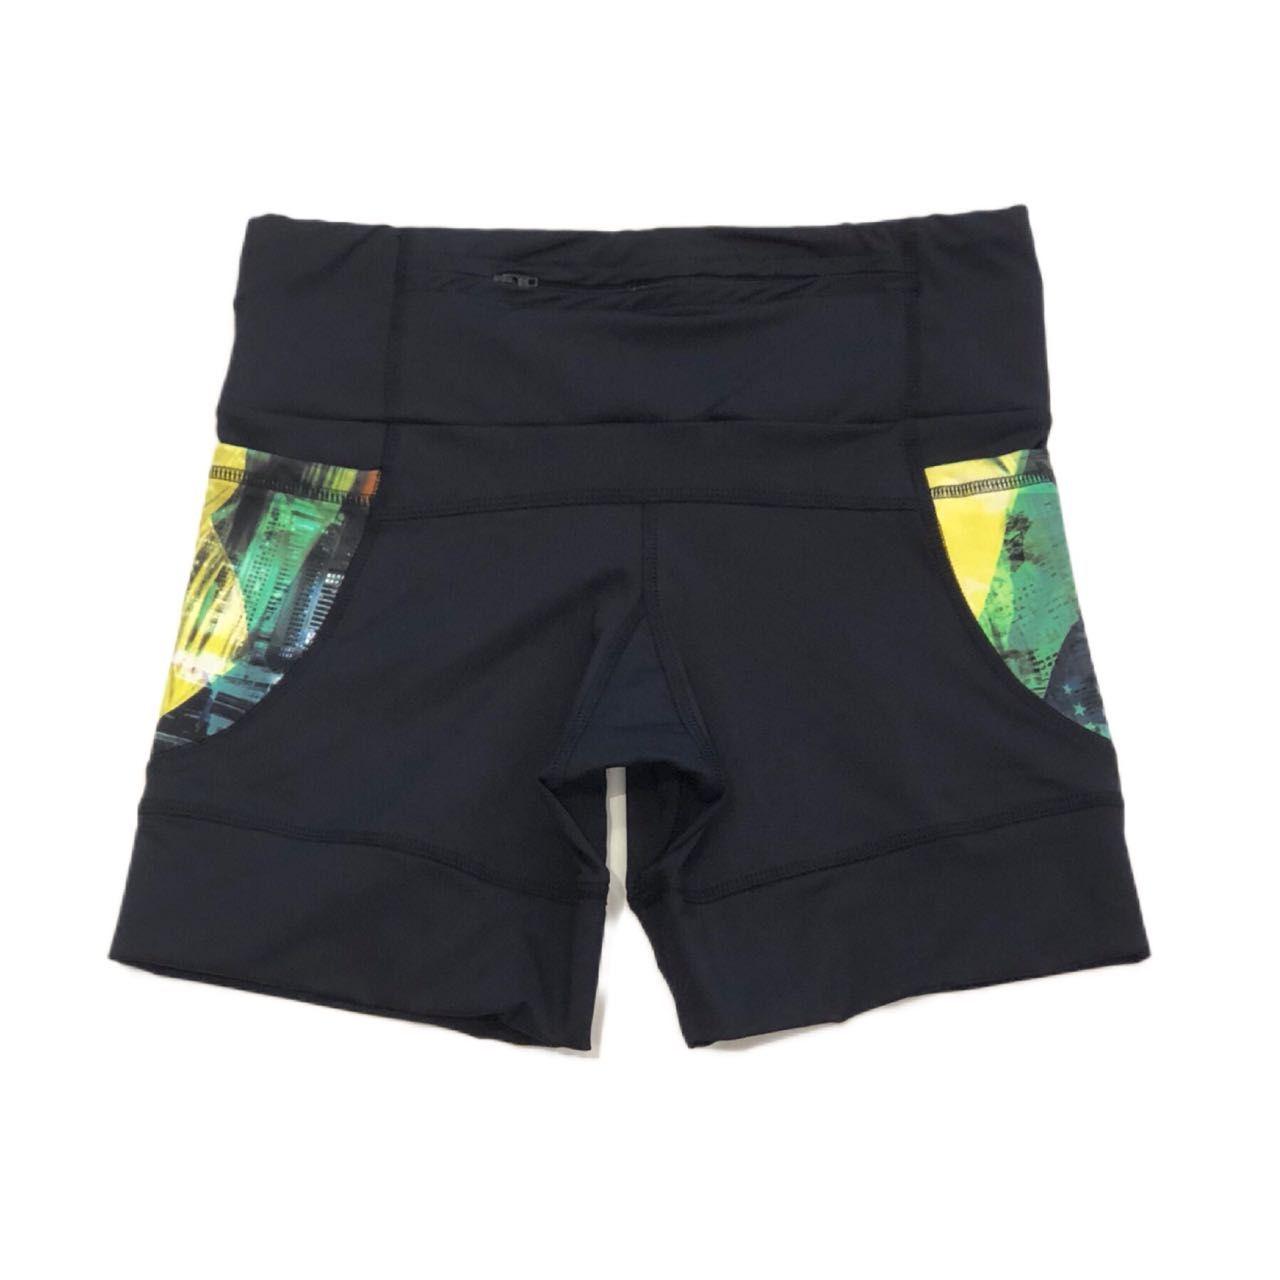 Shorts de compressão 1500 bolsos em compress preto com bolsos laterais estampa Brasil   - Vivian Bógus